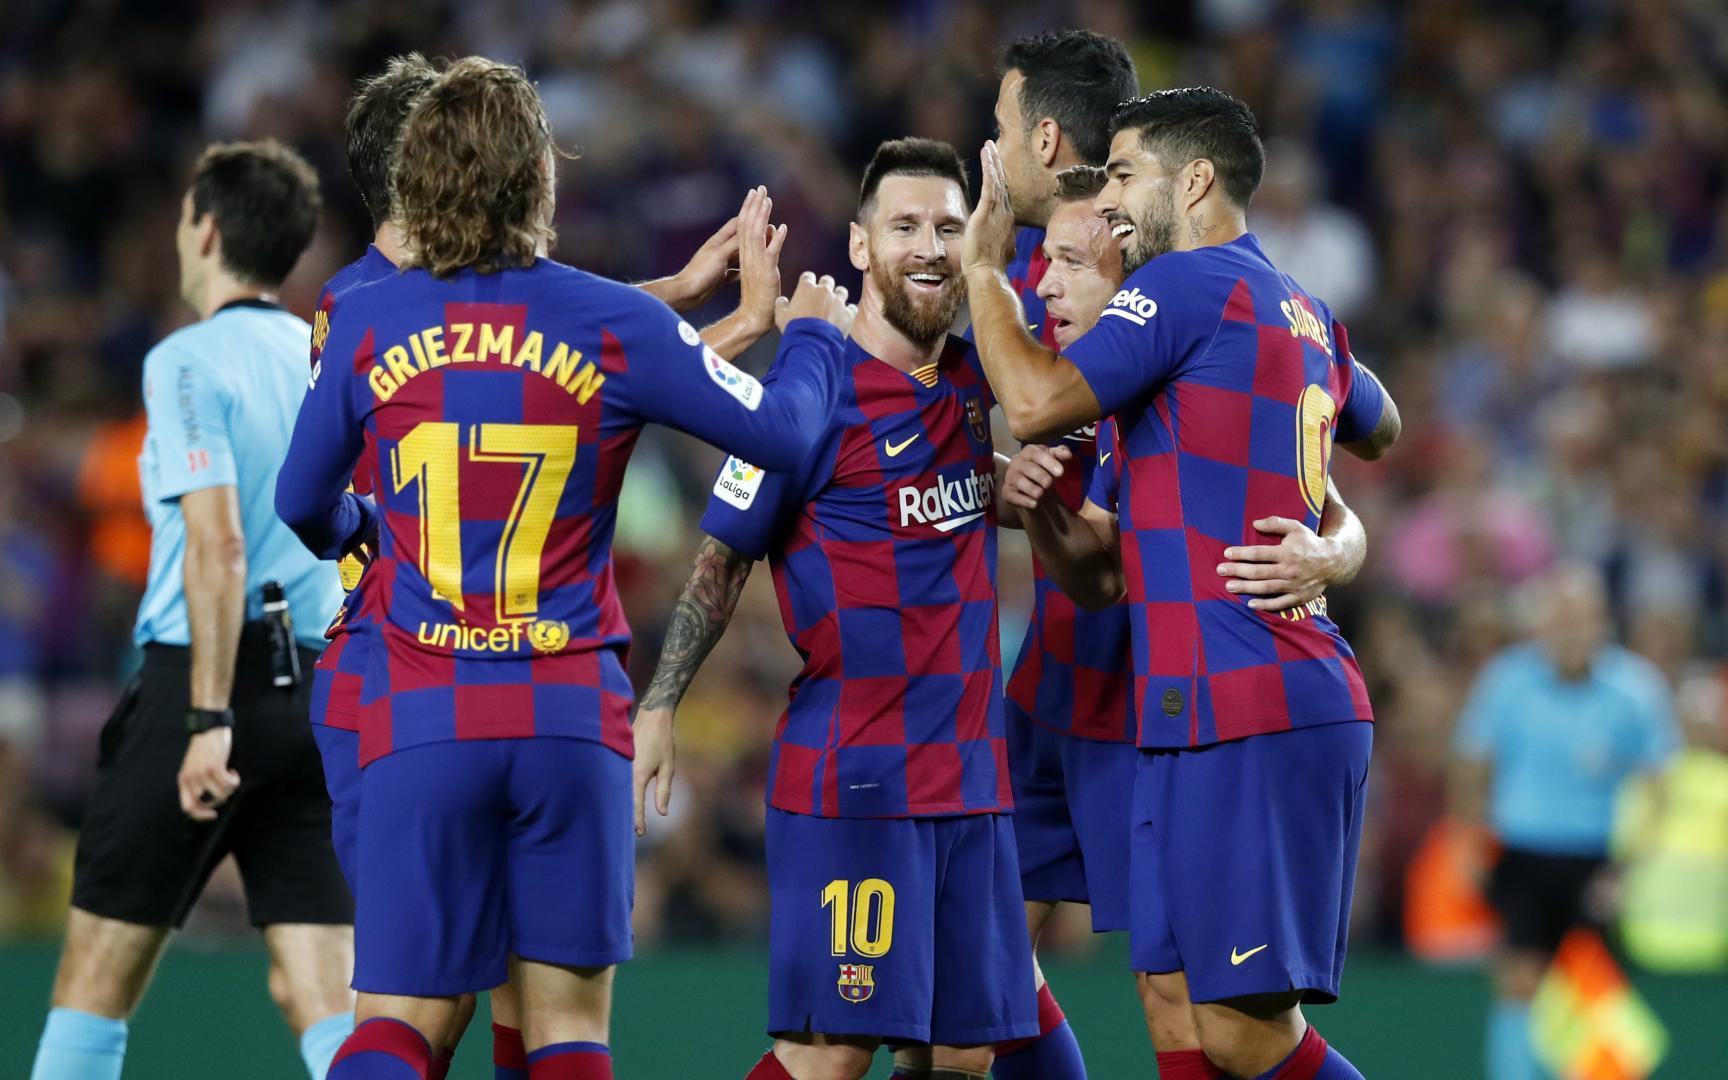 PREVIEW: FC Barcelona v Sevilla